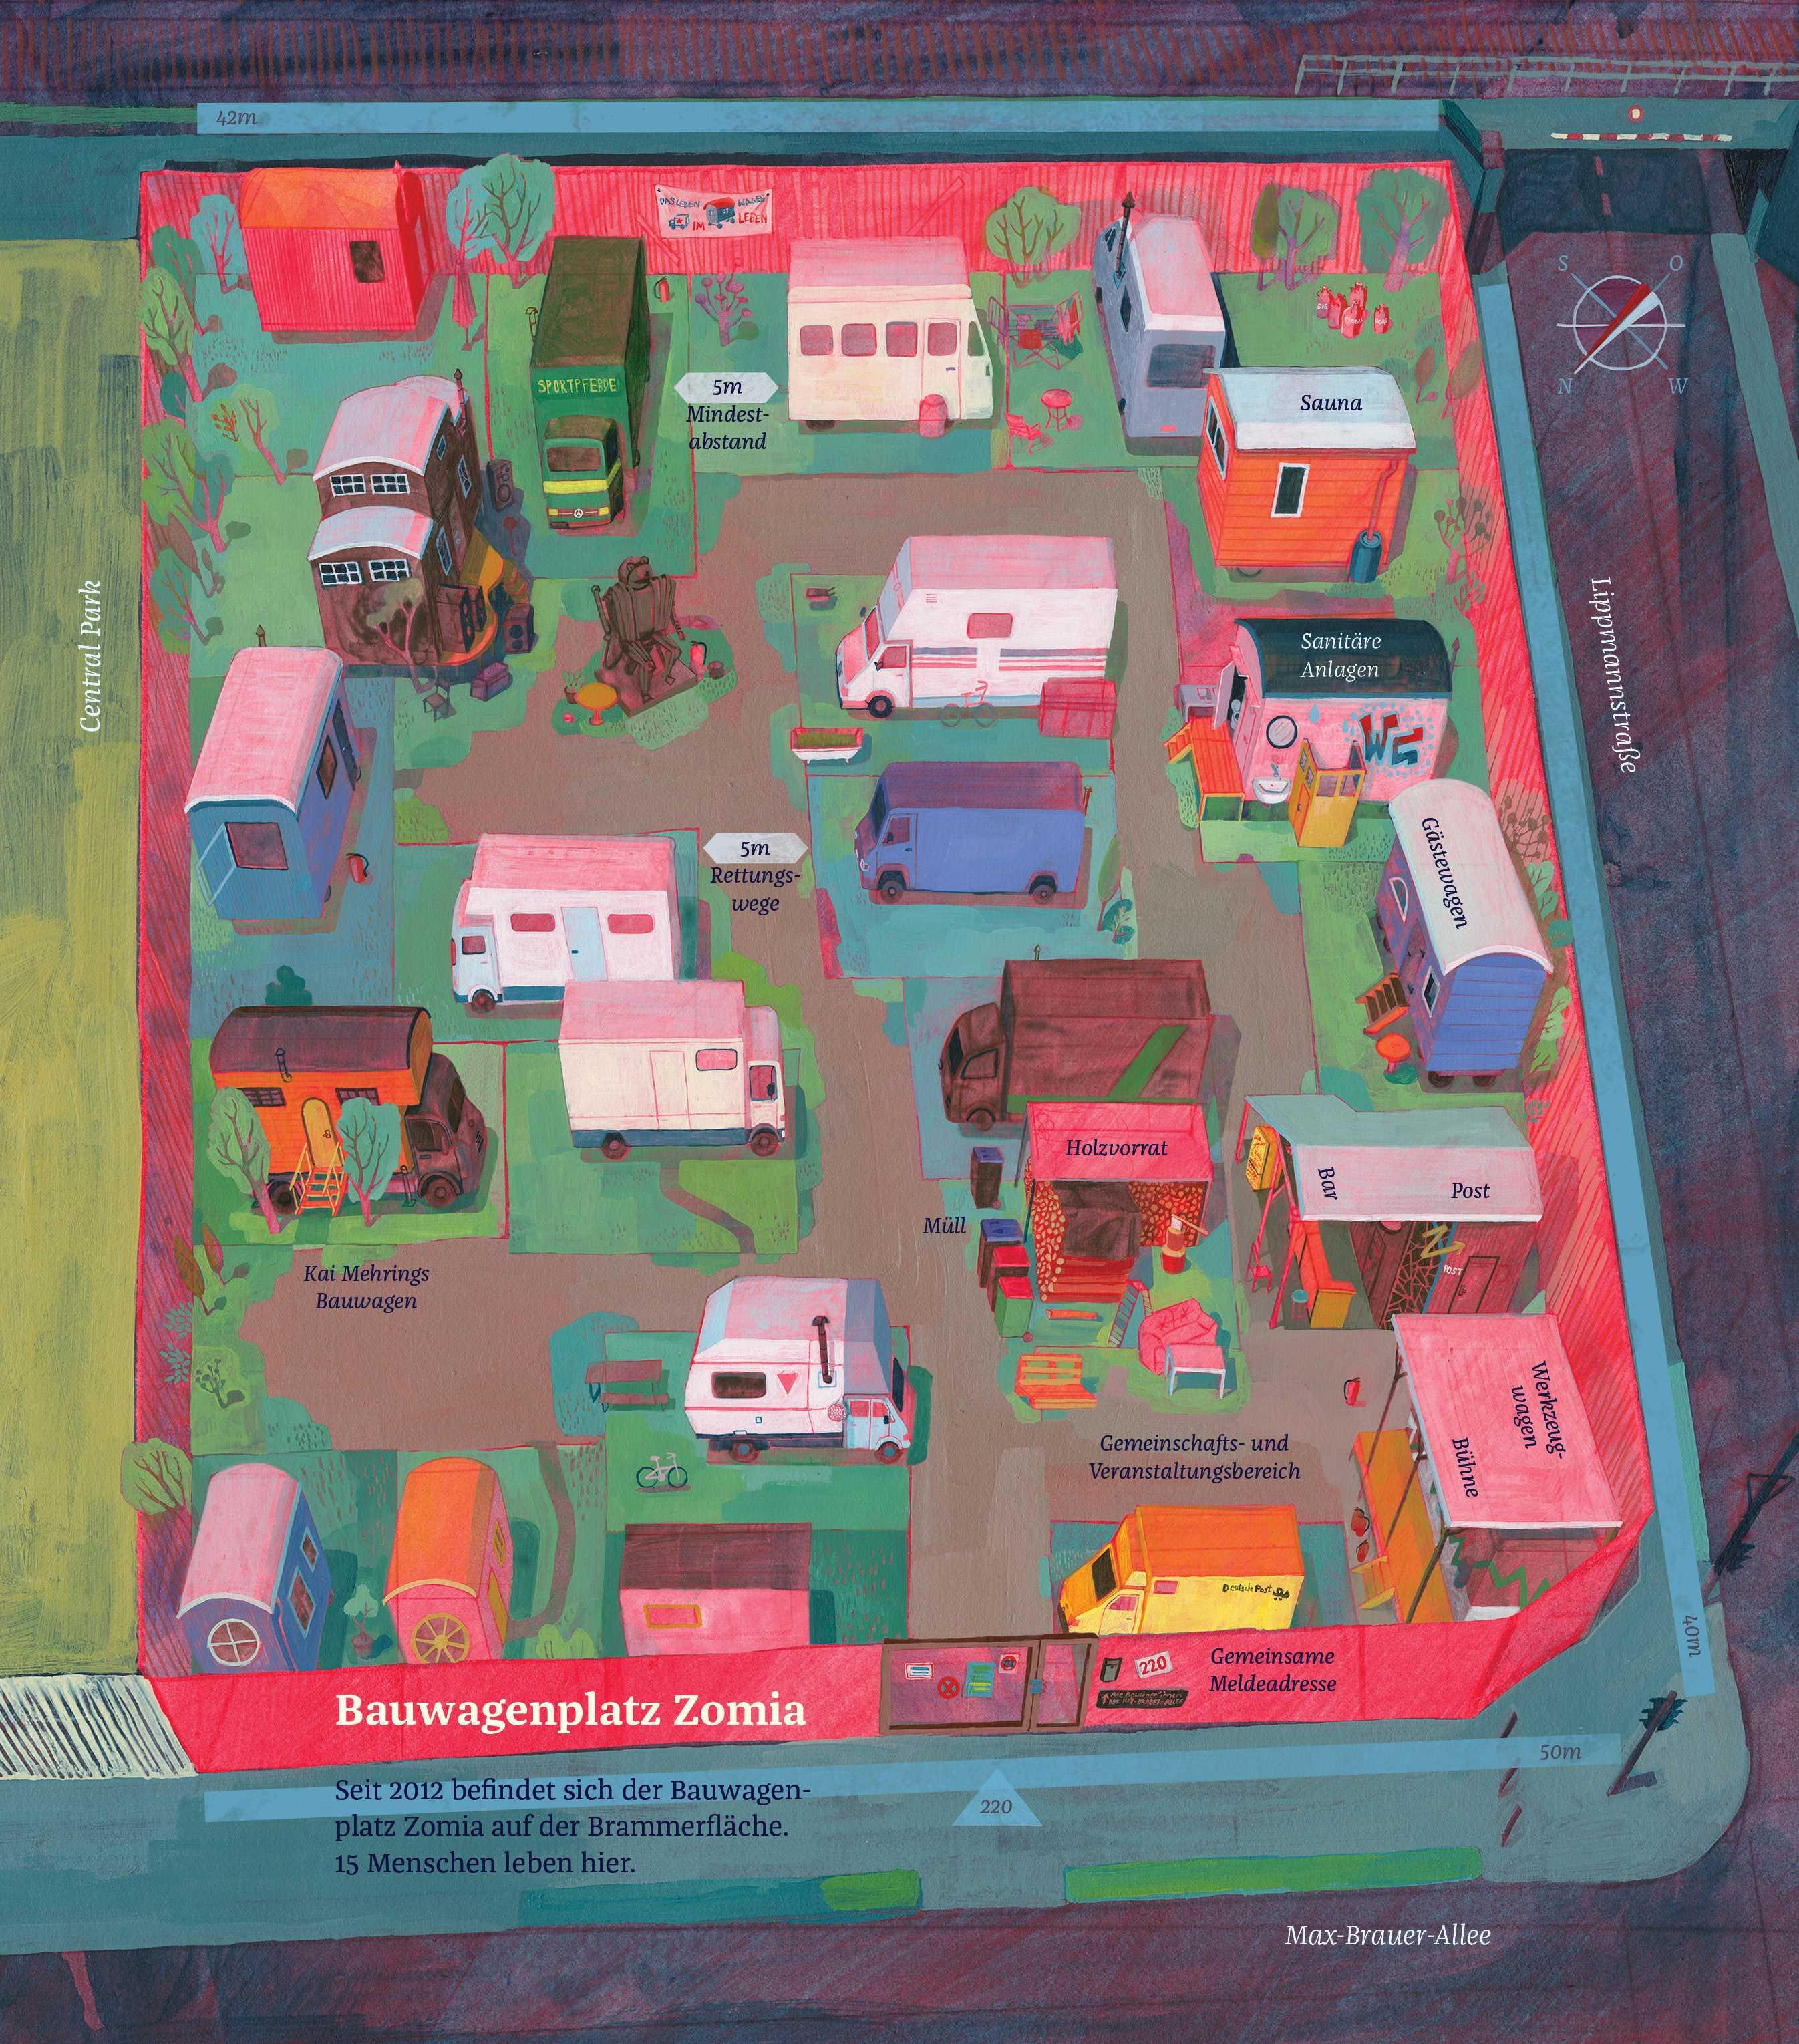 So sieht der Bauwagenplatz Zomia von oben aus. Illustration: Lea Berndorfer